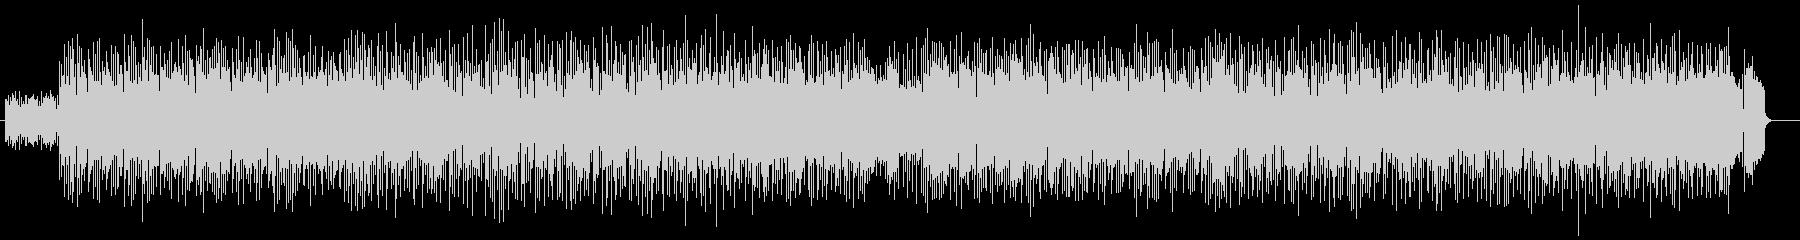 アップテンポシンセサイザー曲の未再生の波形